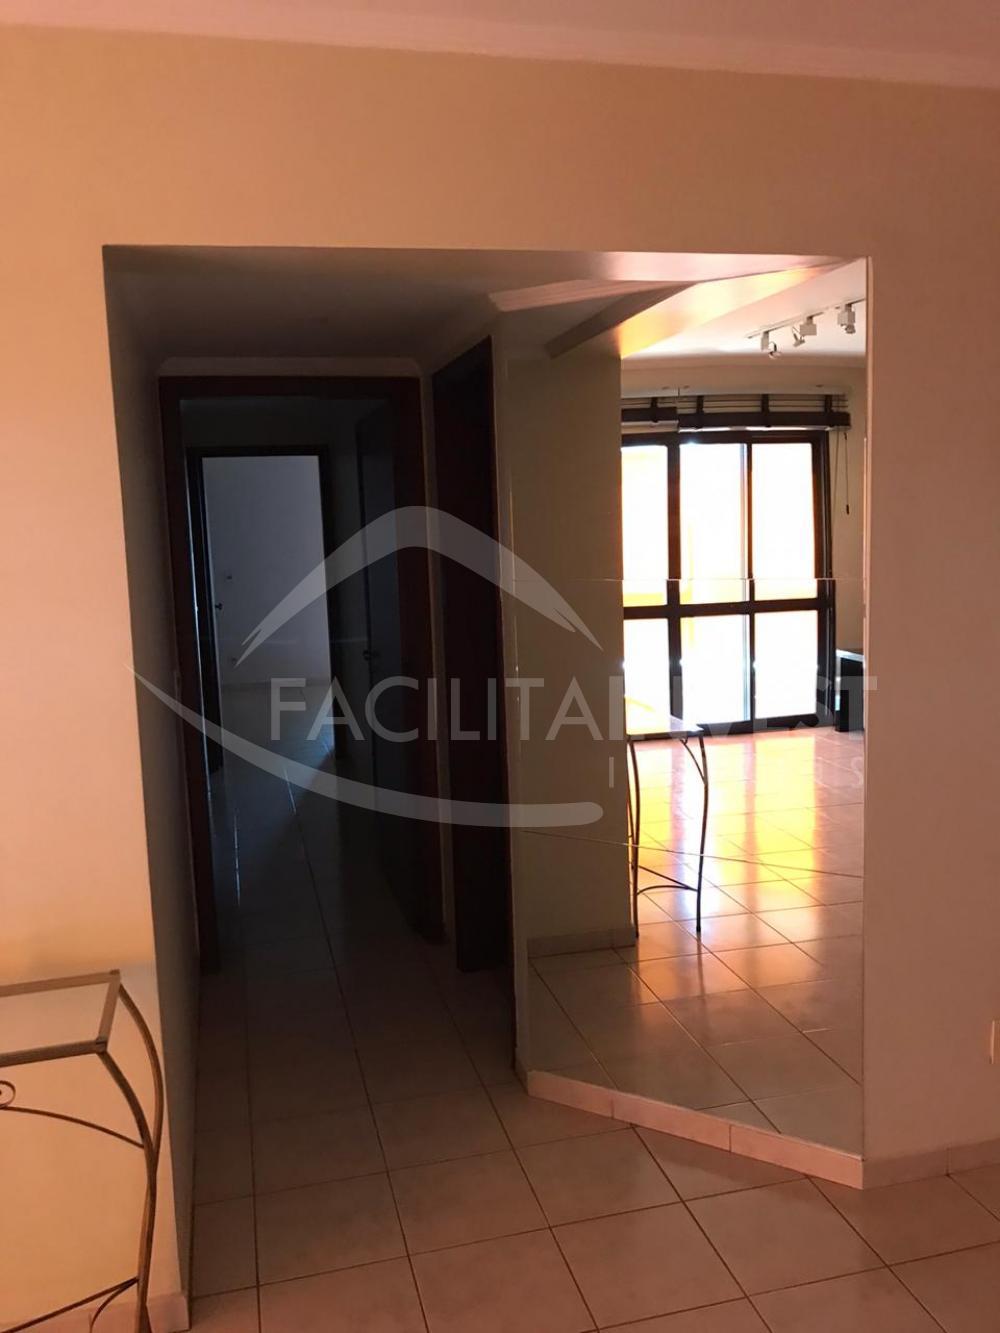 Comprar Apartamentos / Apart. Padrão em Ribeirão Preto apenas R$ 460.000,00 - Foto 4